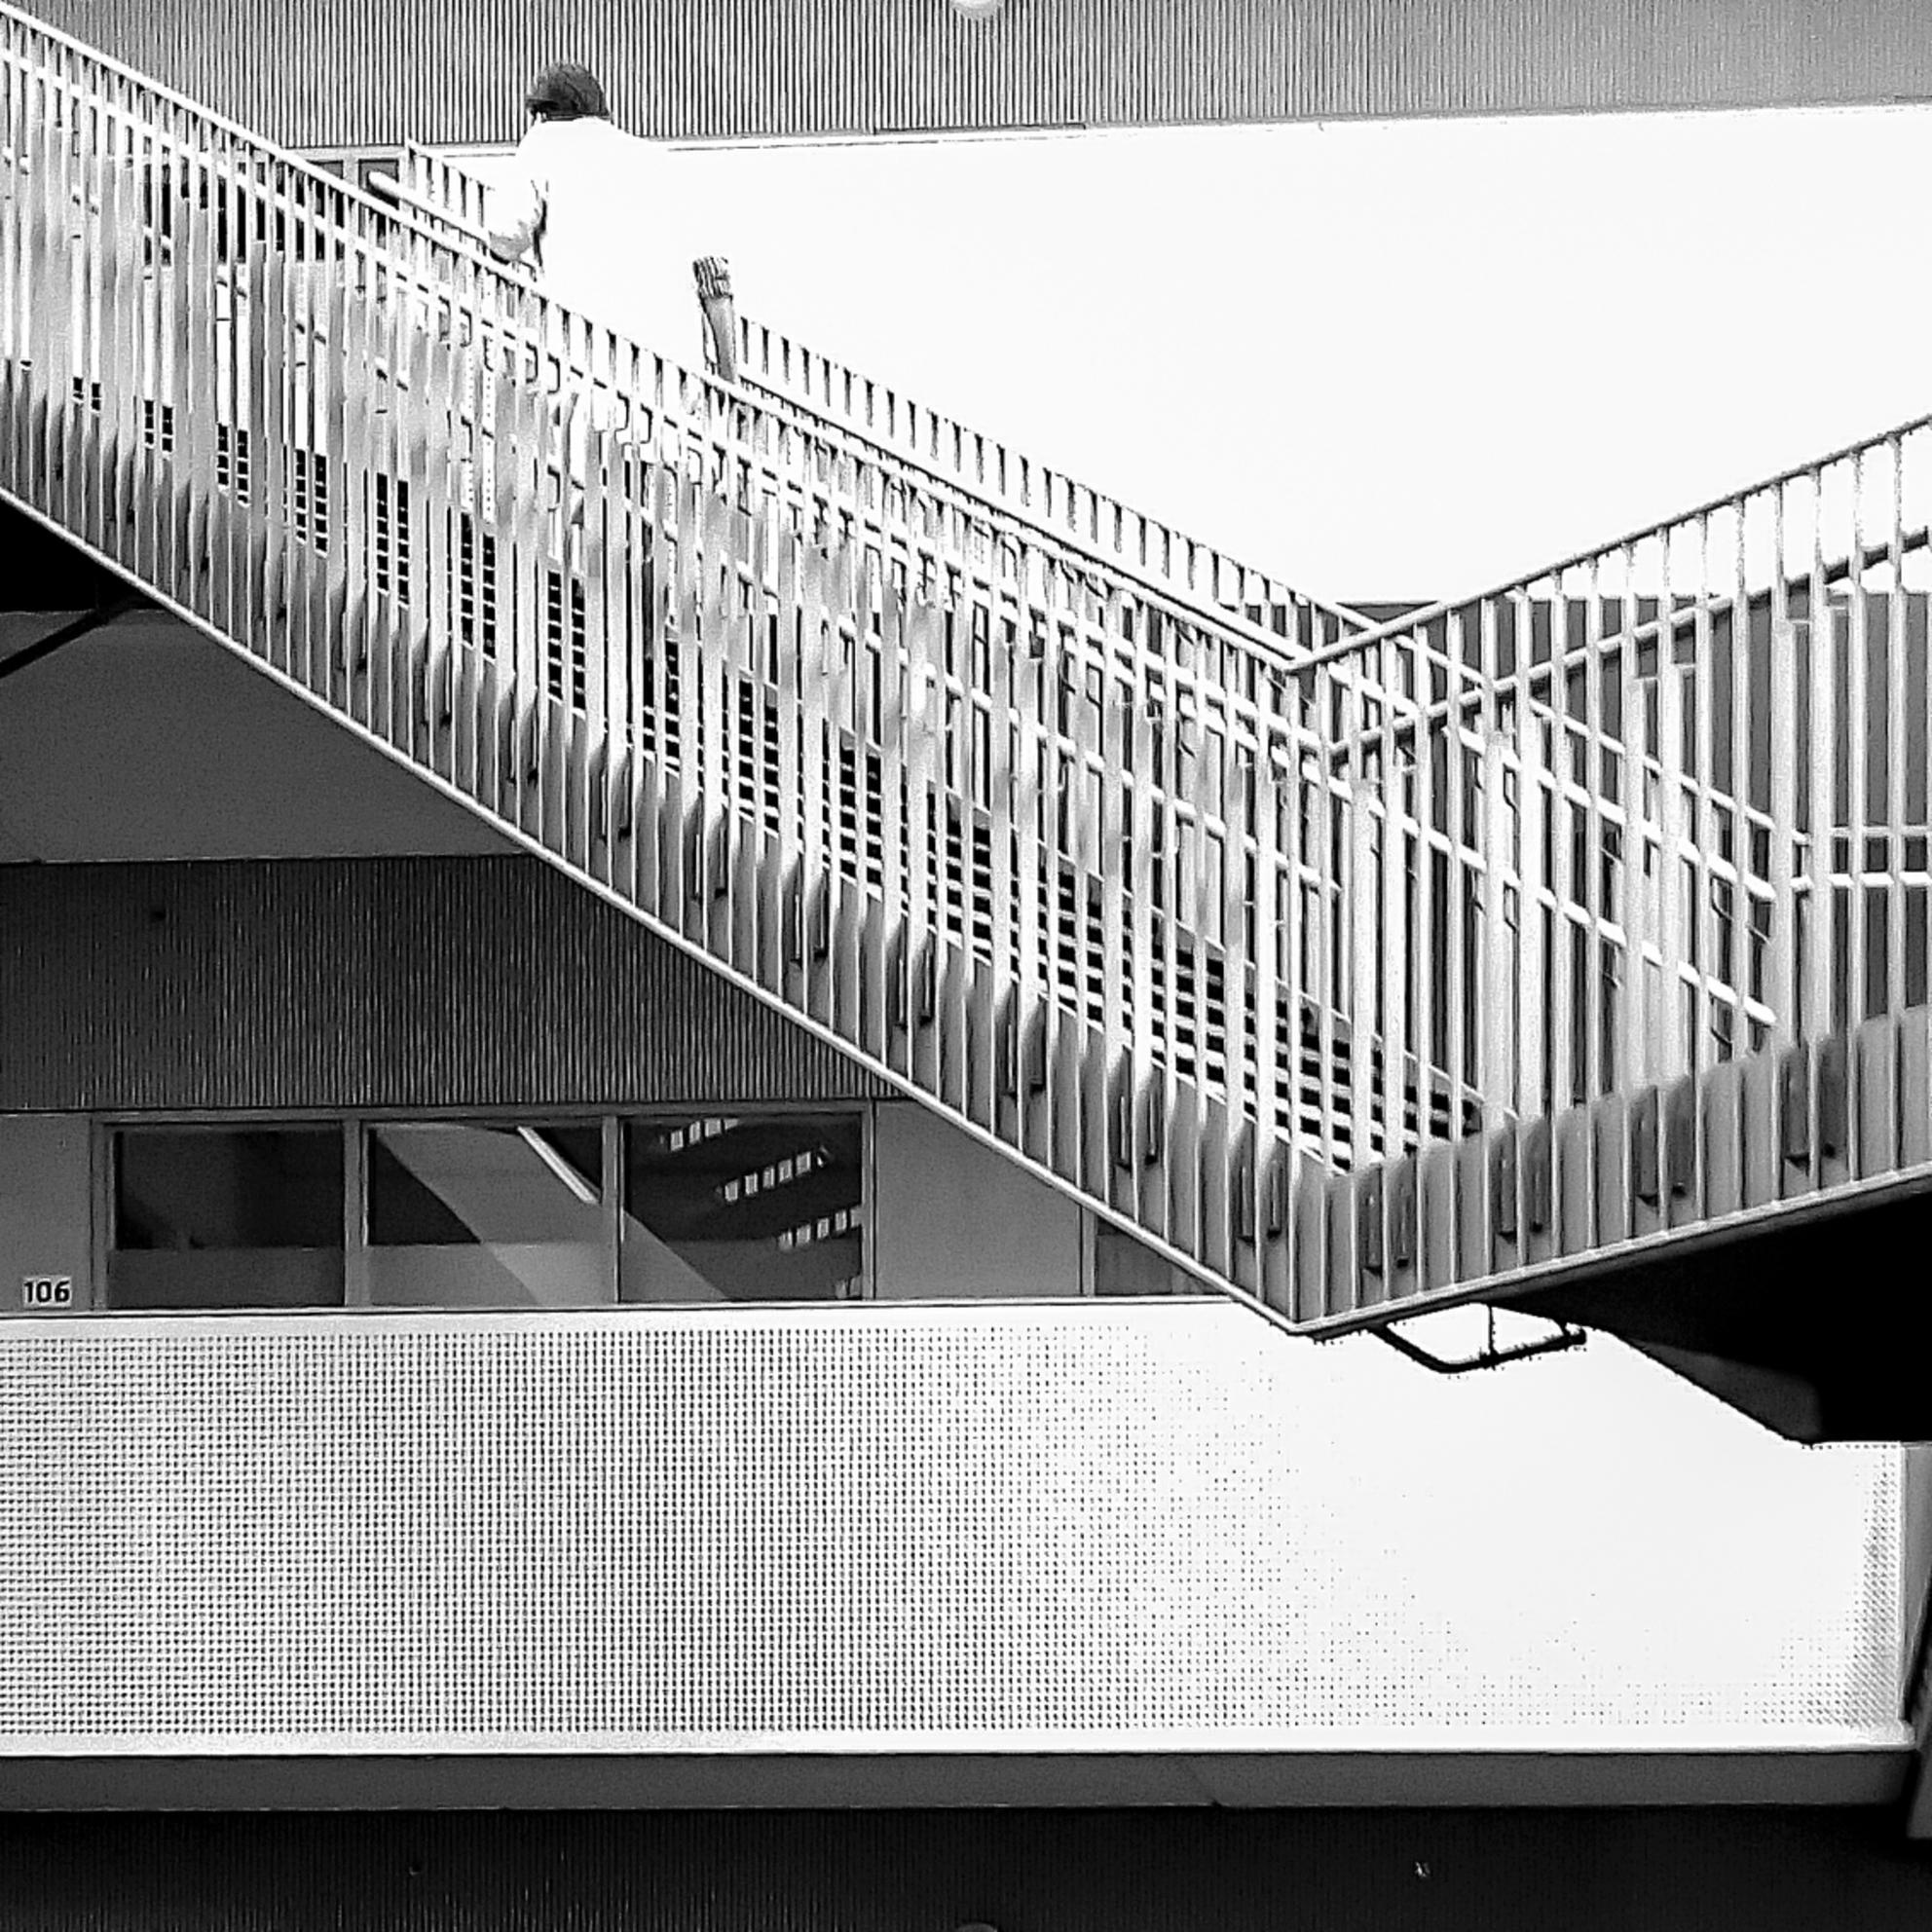 Stairs-106 - Conceptueel - foto door oostindienjp op 14-03-2016 - deze foto bevat: trap, zw, bw, straatfotografie, stairs, conceptueel - Deze foto mag gebruikt worden in een Zoom.nl publicatie